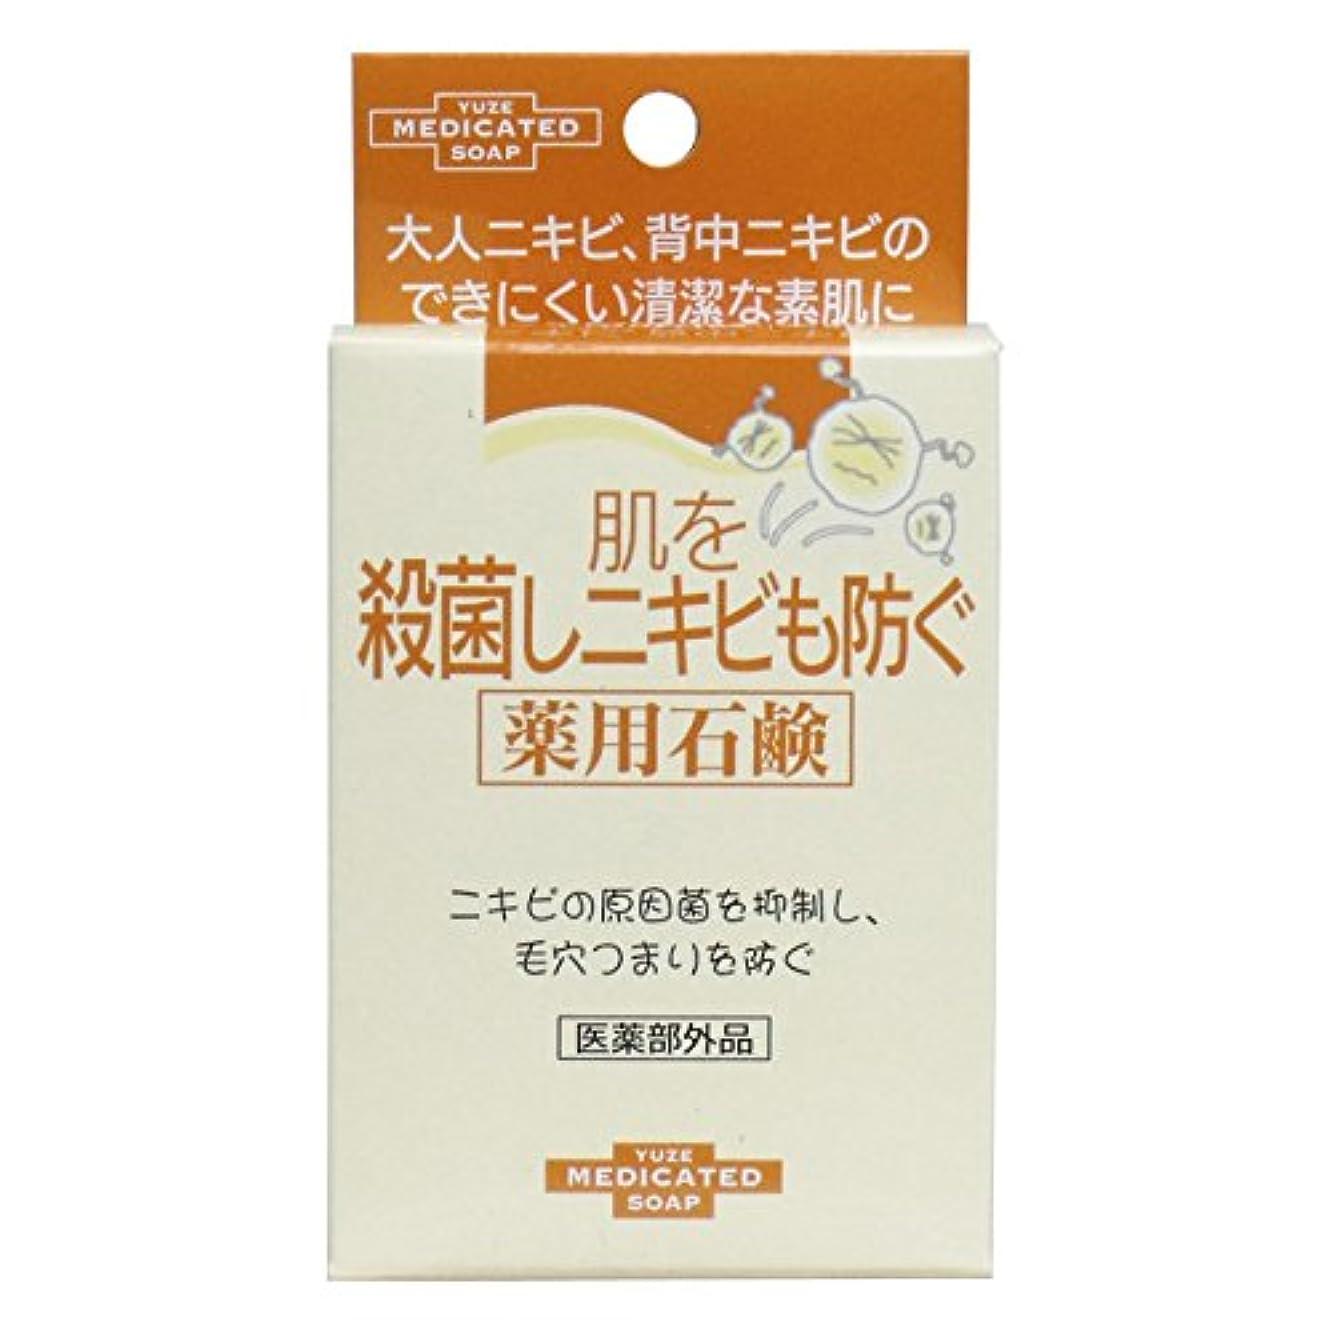 届けるモンスター損傷ユゼ 肌を殺菌しニキビも防ぐ薬用石鹸 (110g)